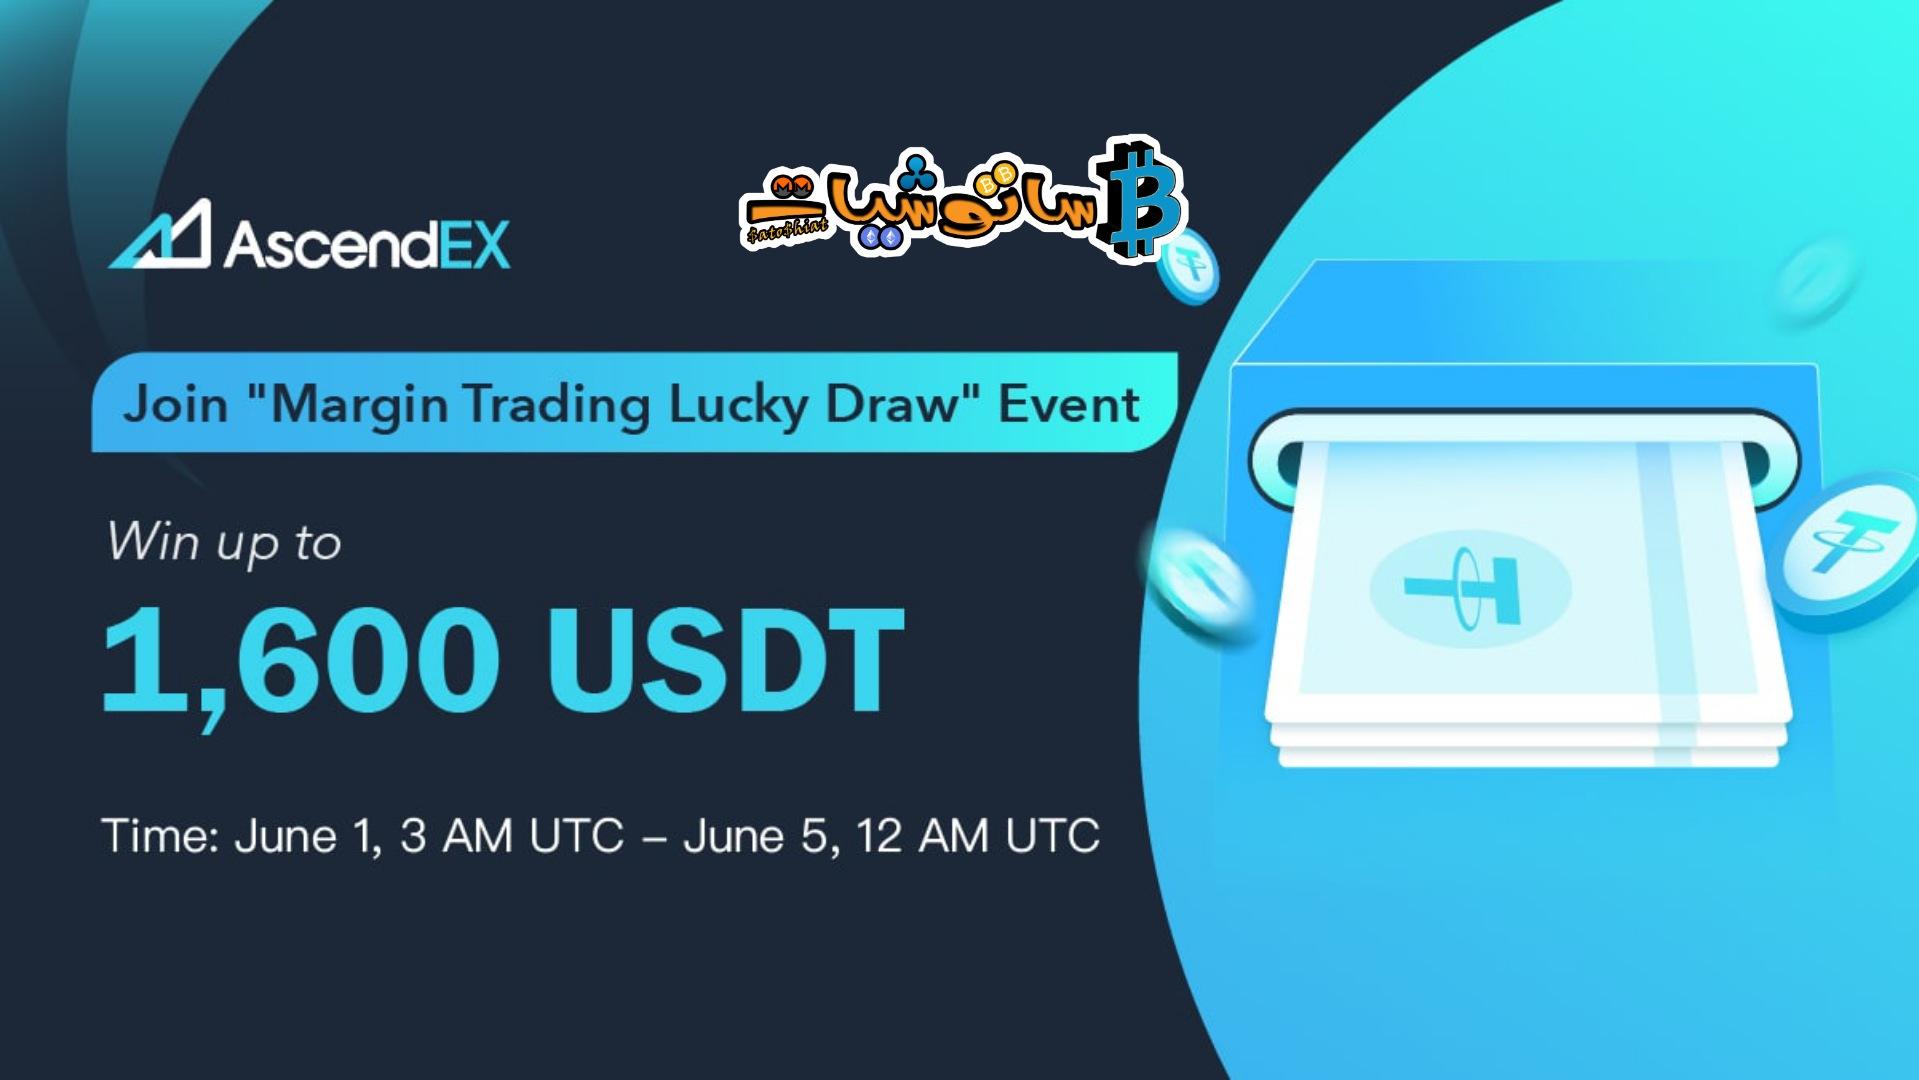 """انضم إلى حدث """"Margin Trading Lucky Draw"""" من AscendEX واربح حتى 1600 دولار أمريكي"""